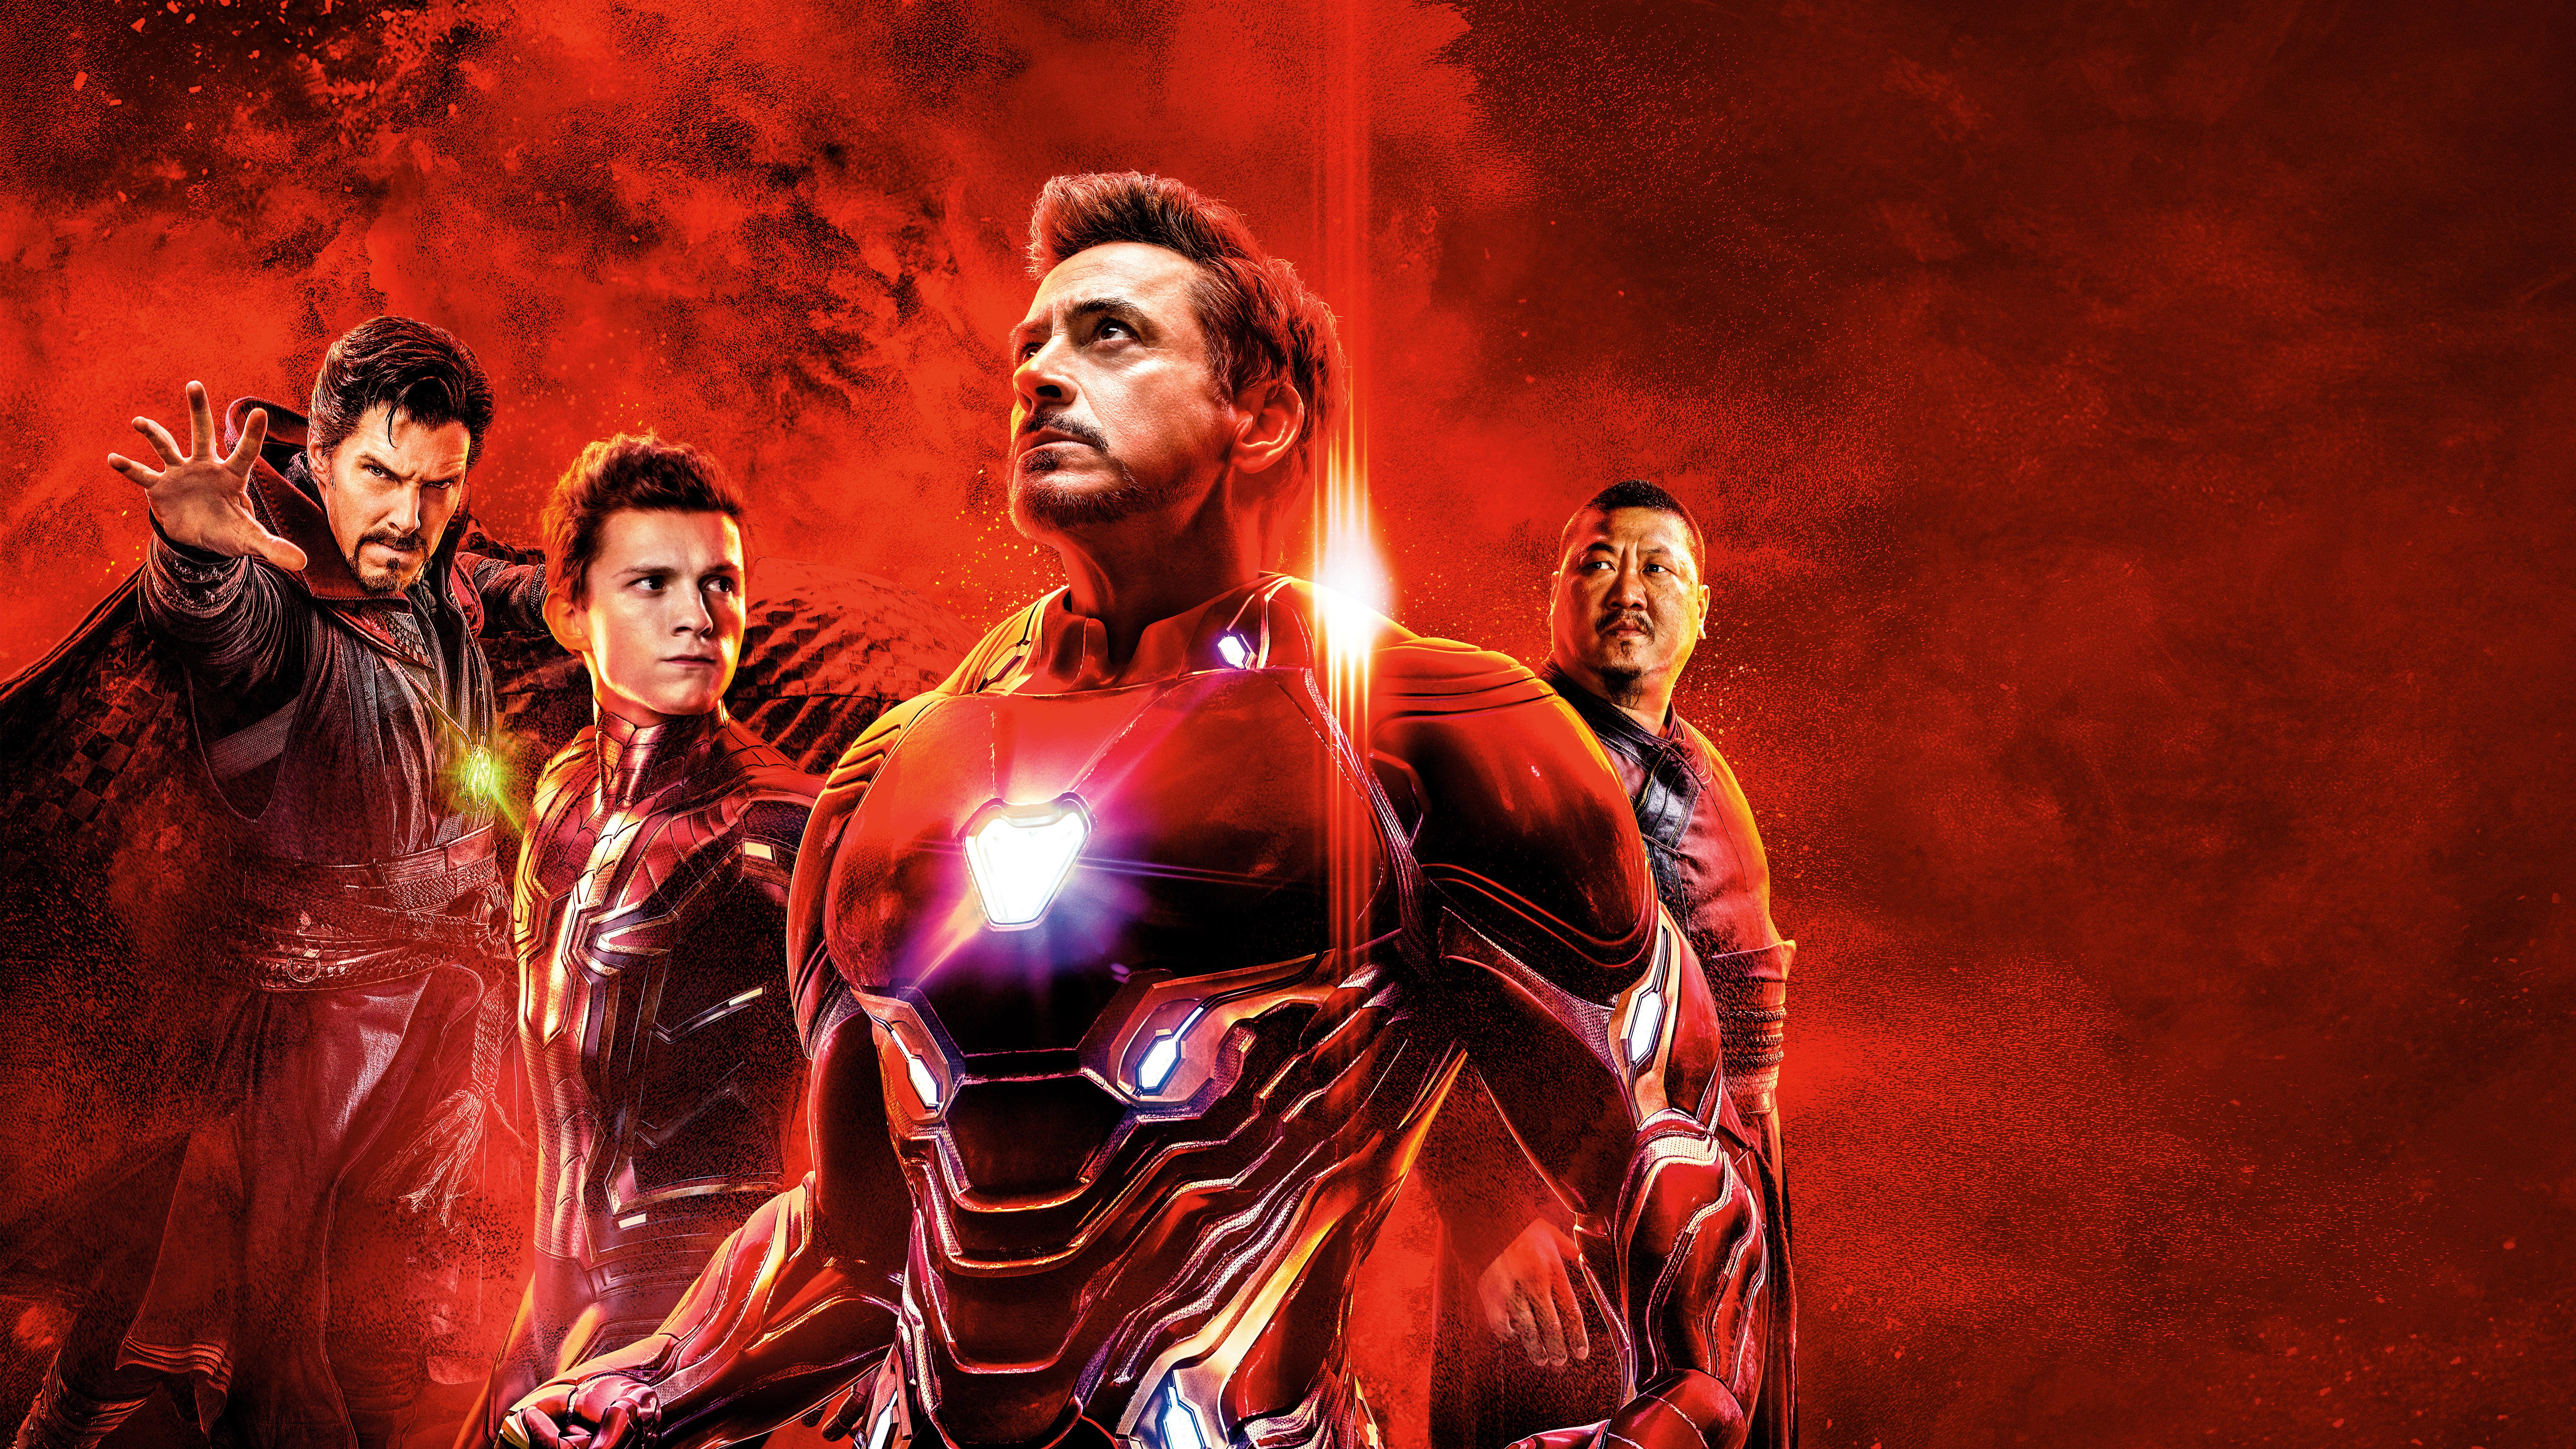 20 Iron Man 2019 Wallpapers On Wallpapersafari